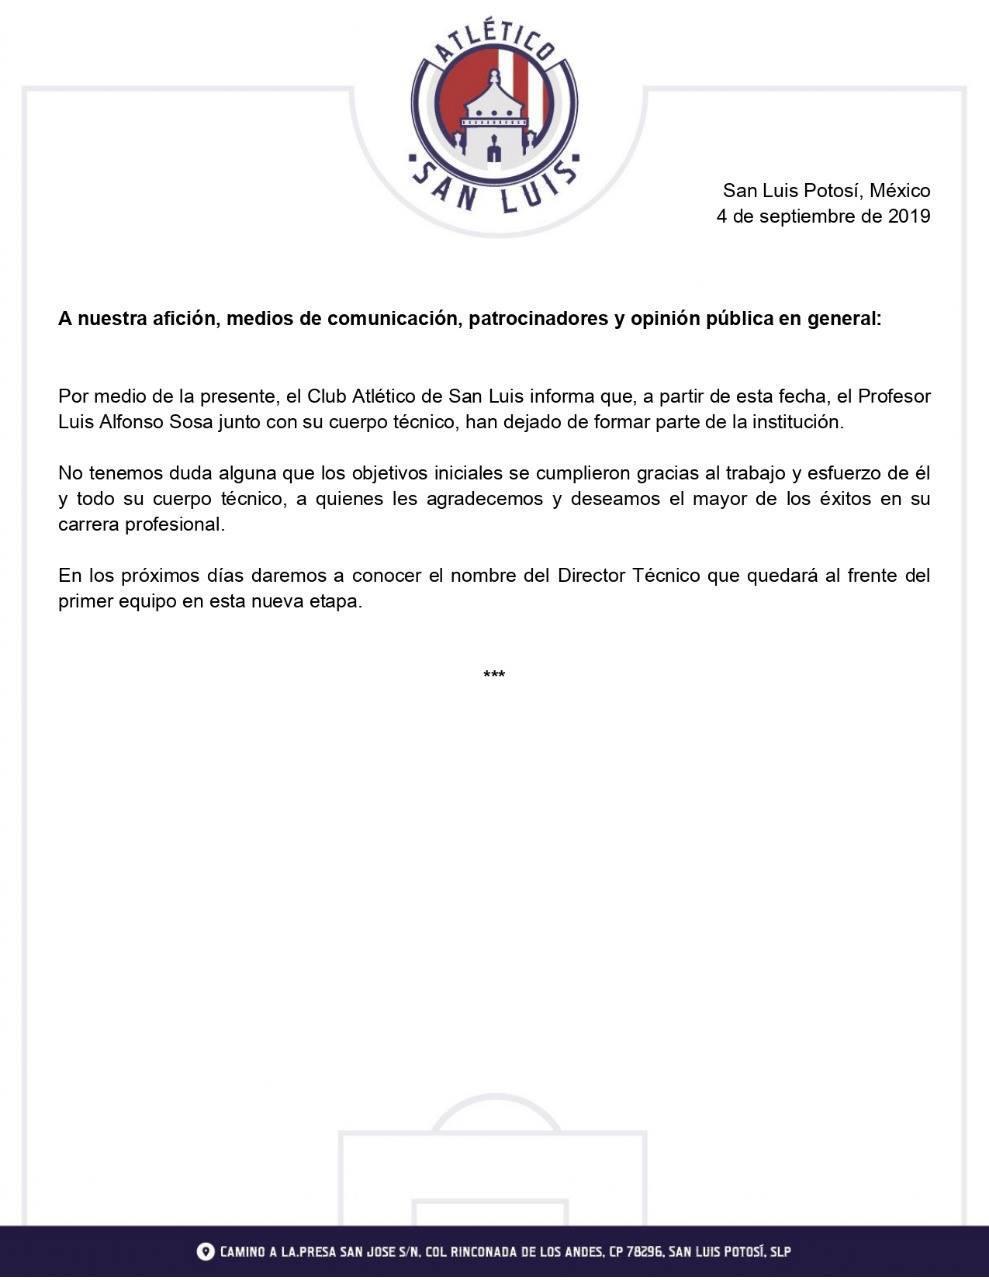 ALFONSO SOSA DEJA EL ATLÉTICO DE SAN LUIS